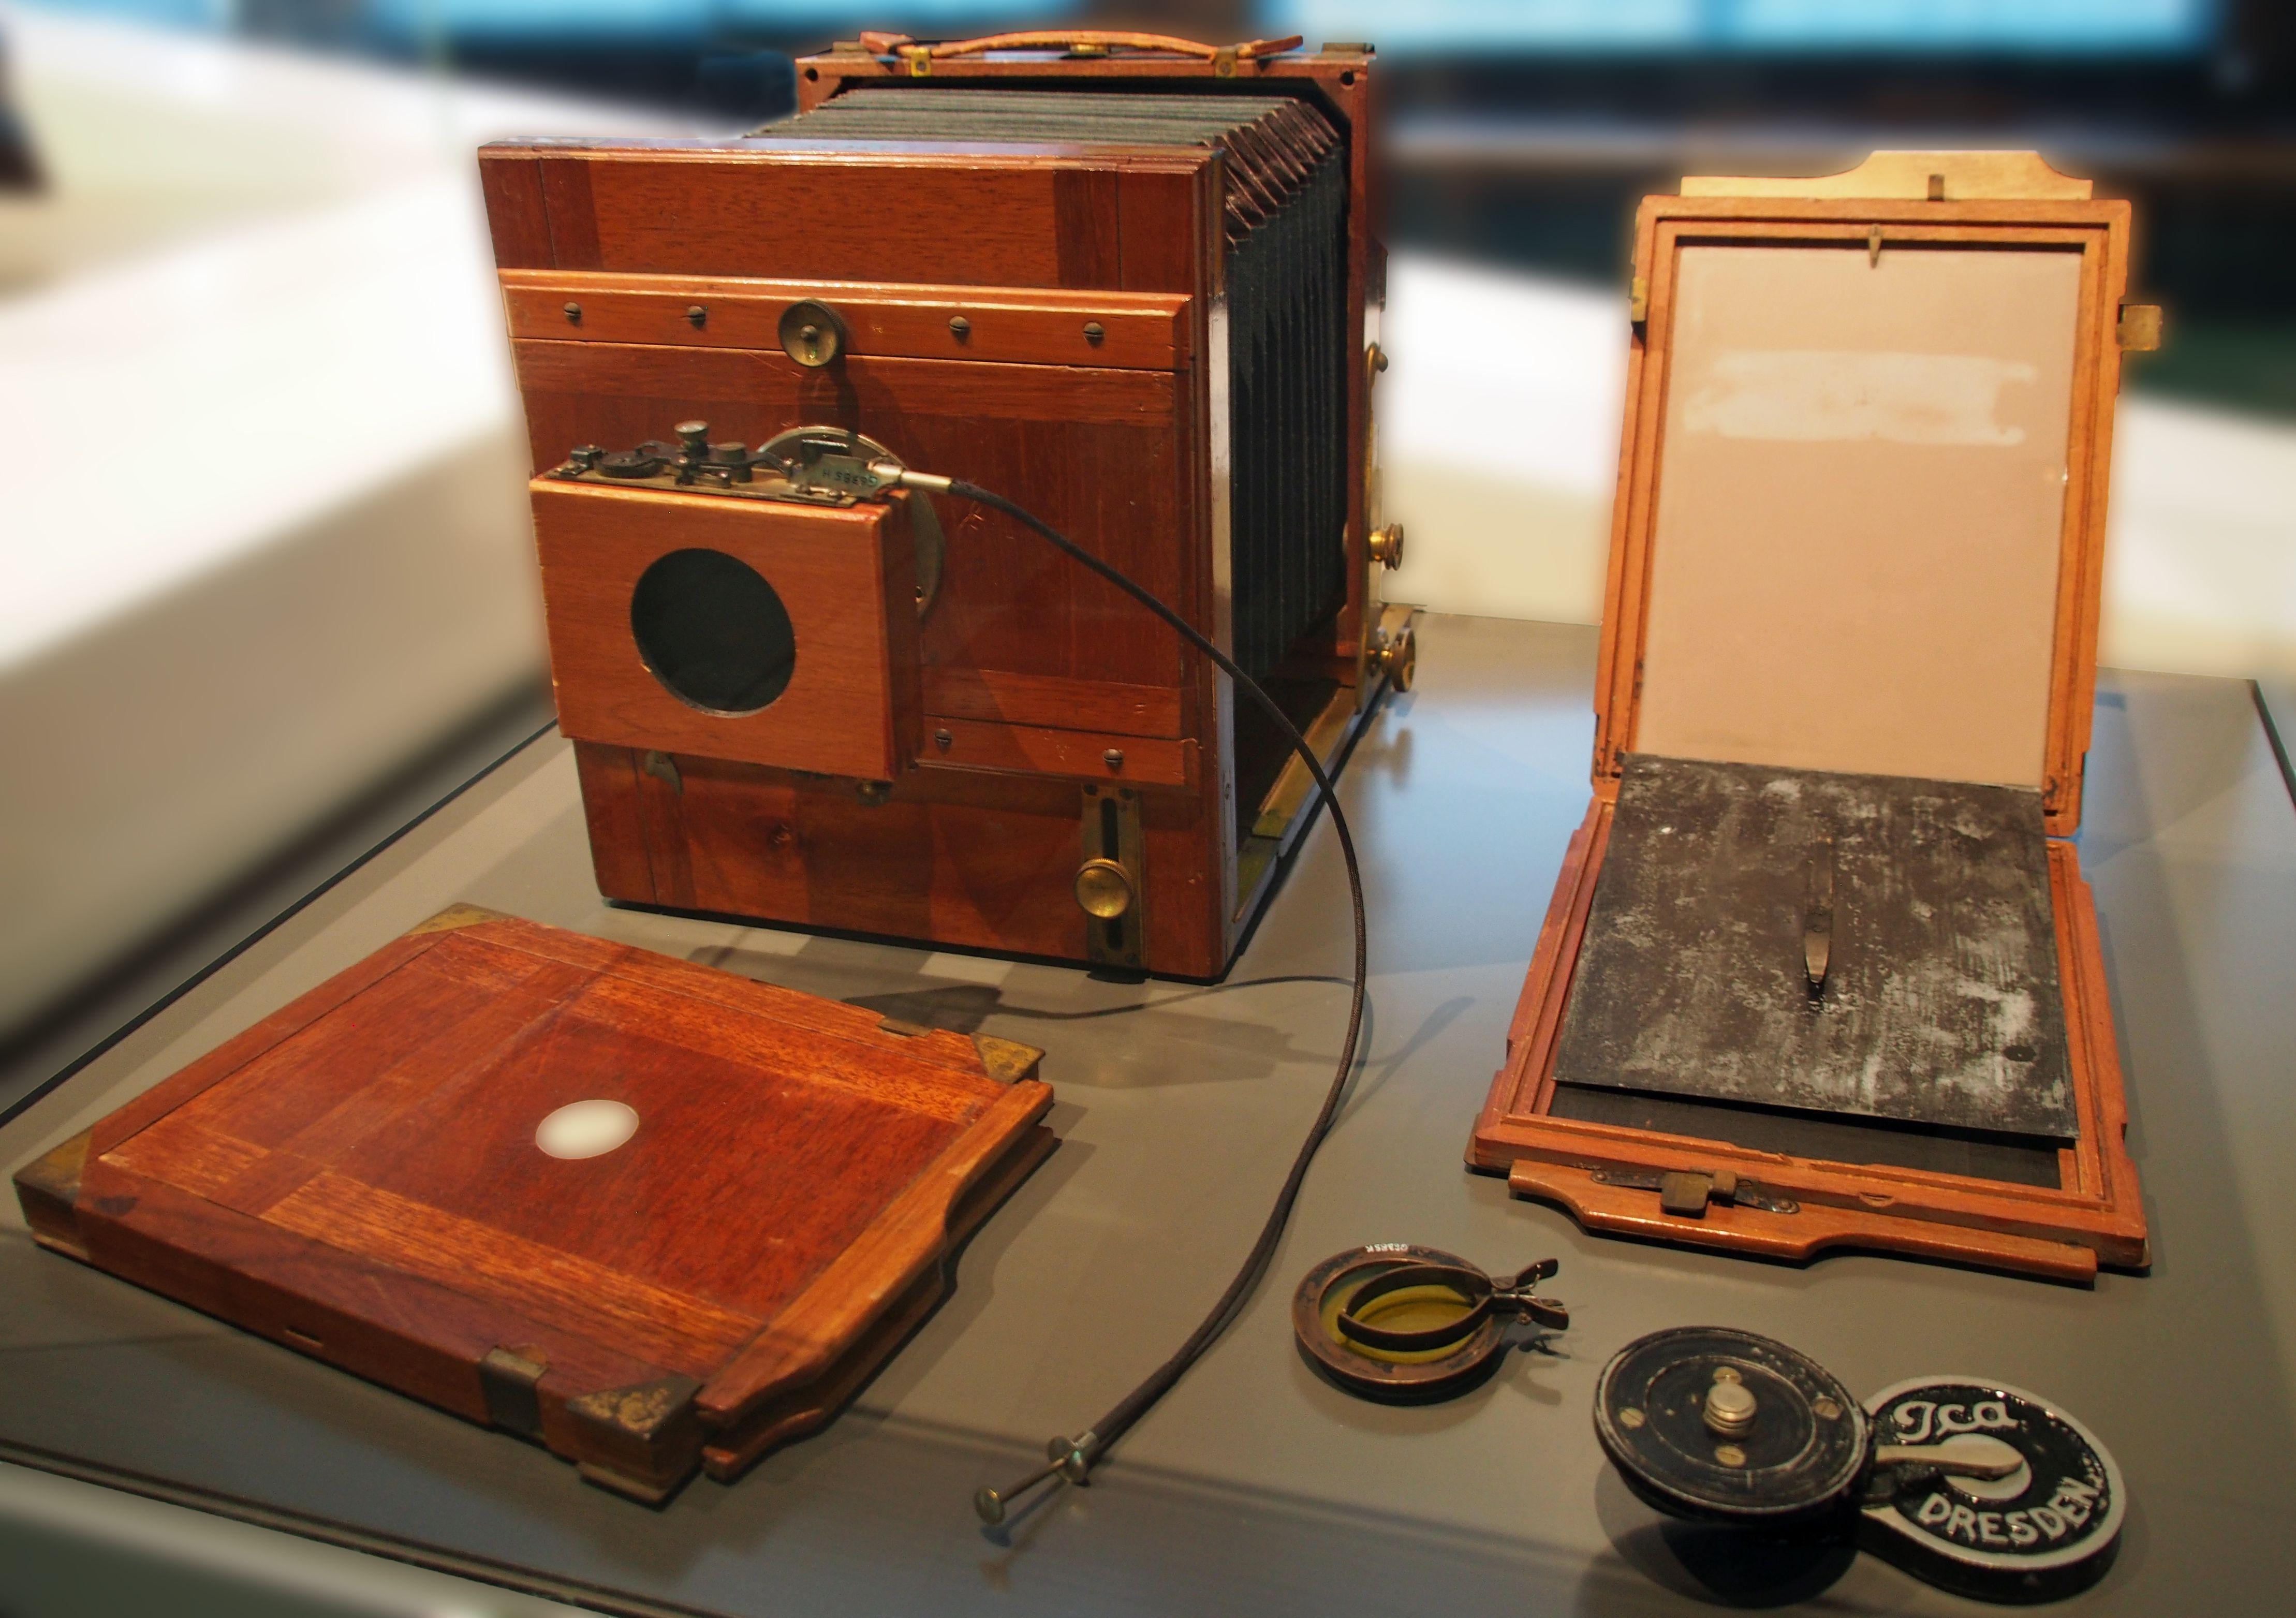 Produkt der ICA AG Dresden, Einäugige Plattenkamera für Schwarzweiß-Fotos im Querformat 13x18 cm, mit Rollverschluss (um 1910)